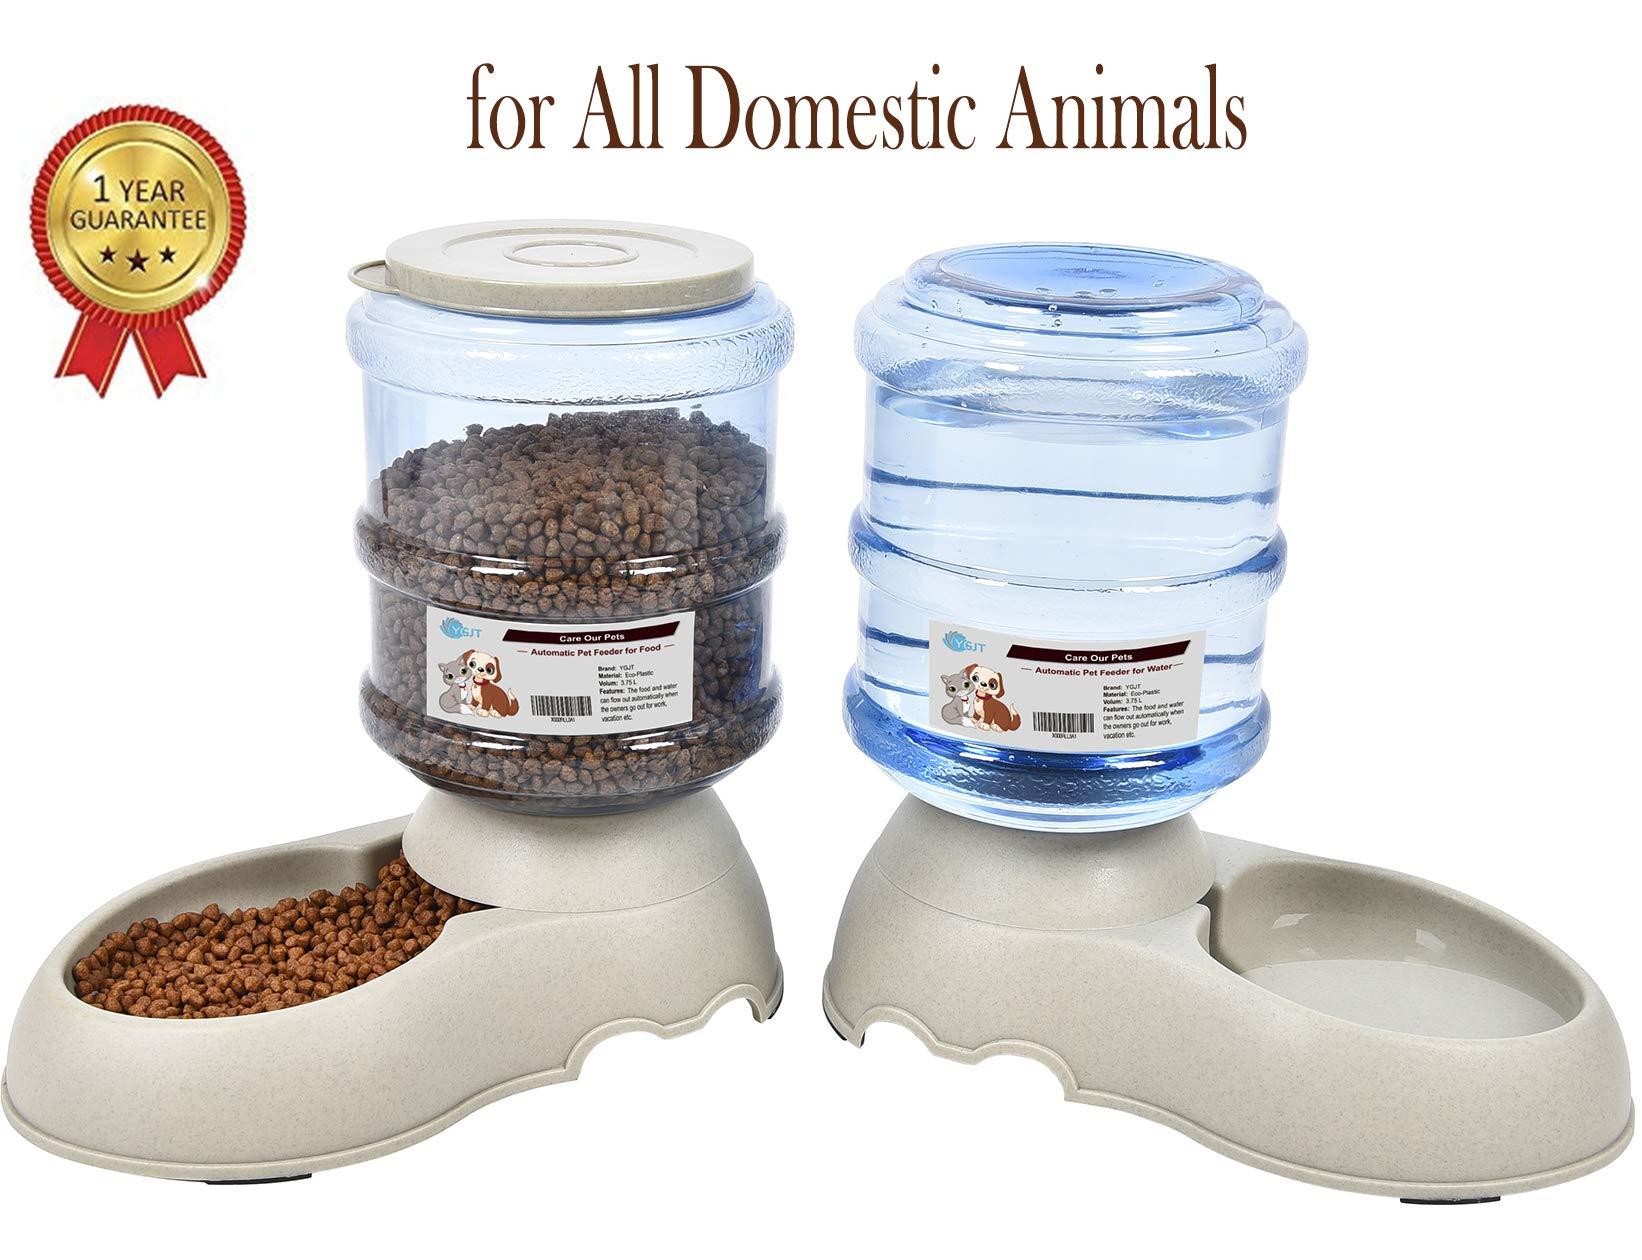 71mRK2fs7bL Material🐈: este dispensador de agua para mascotas está hecho de plástico ABS, seguro, no tóxico y ecológico, una buena opción de alimentador de agua para sus mascotas cachorros. 🐈Dimensiones🐈: 20x20x15cm (7.9x7.9x5.9inch),capacidad:1.8L 🐈Funciones🐈: filtración de carbón, ciclos múltiples, flujo de oxígeno, mantener el agua limpia: haga que sus mascotas disfruten del agua dulce automáticamente cuando tenga que salir por unos días.